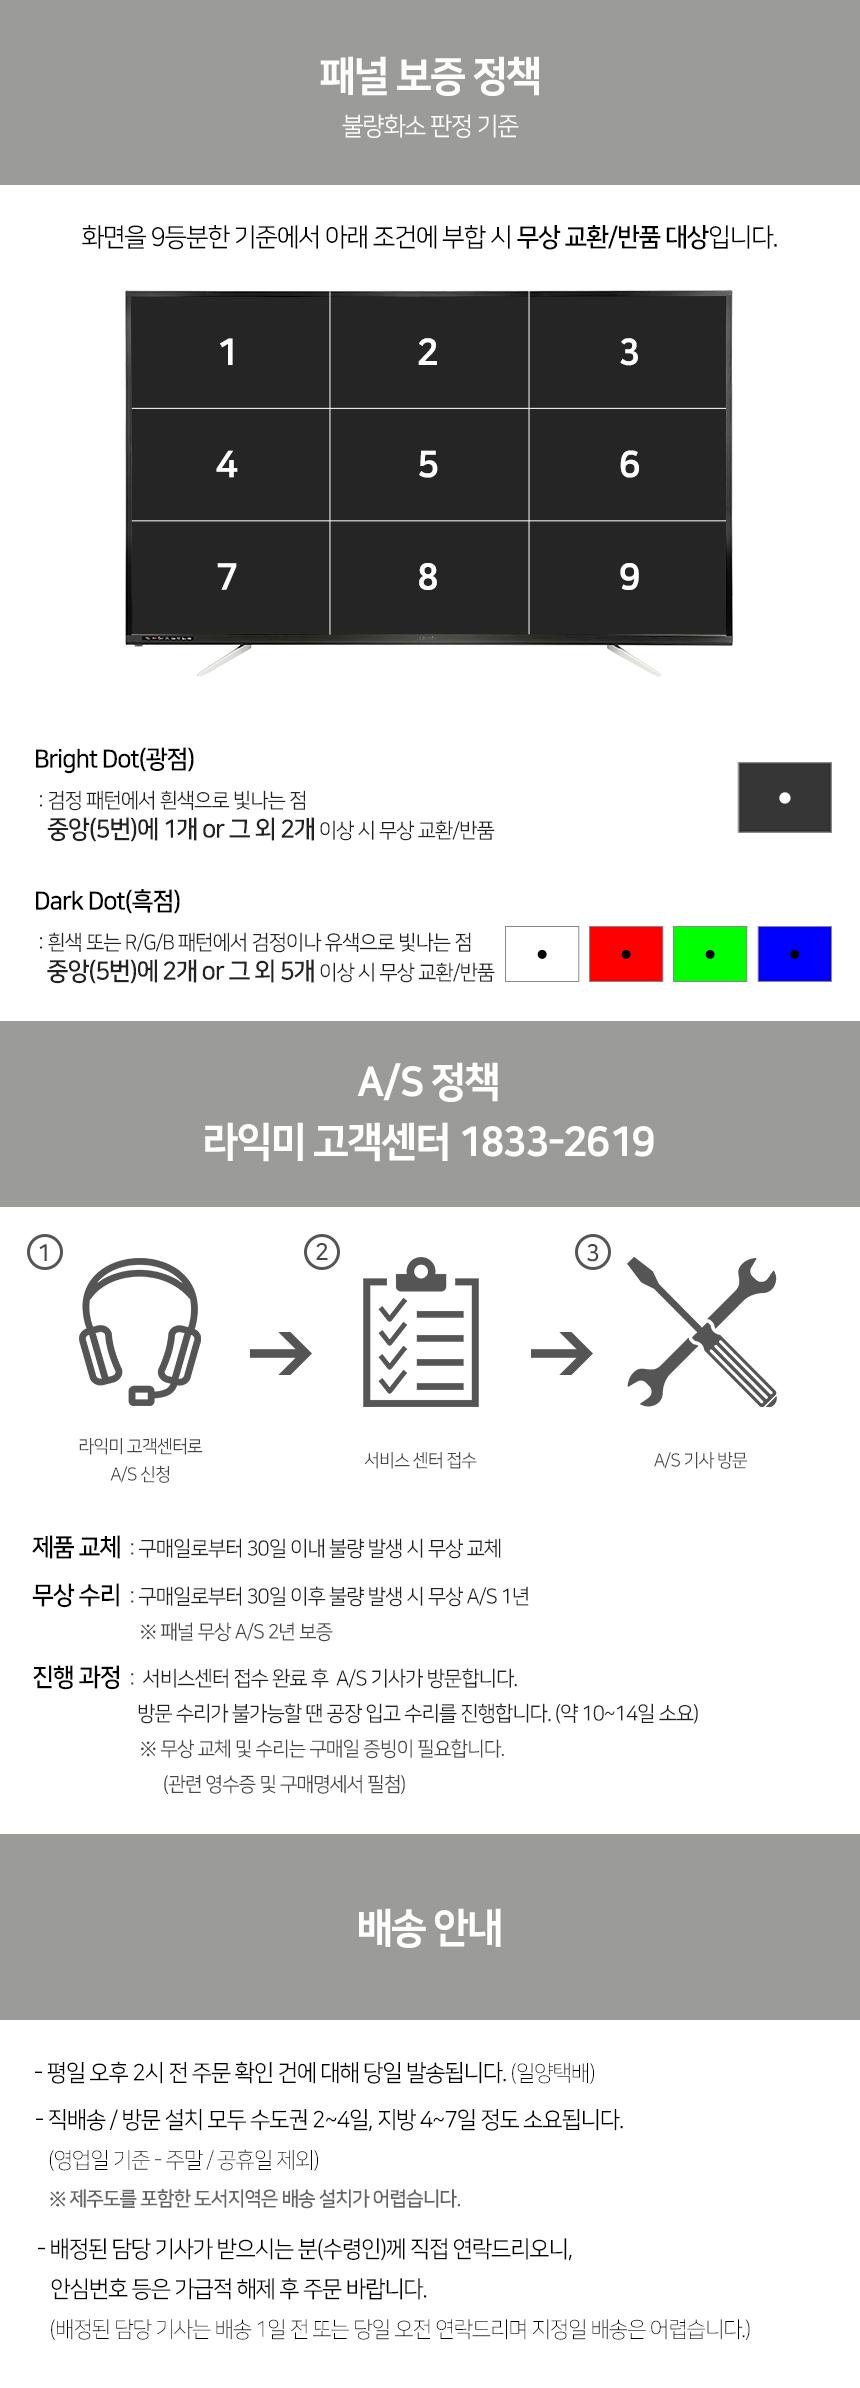 라익미 울트라 D2801L UHD 4K HDR (스탠드)